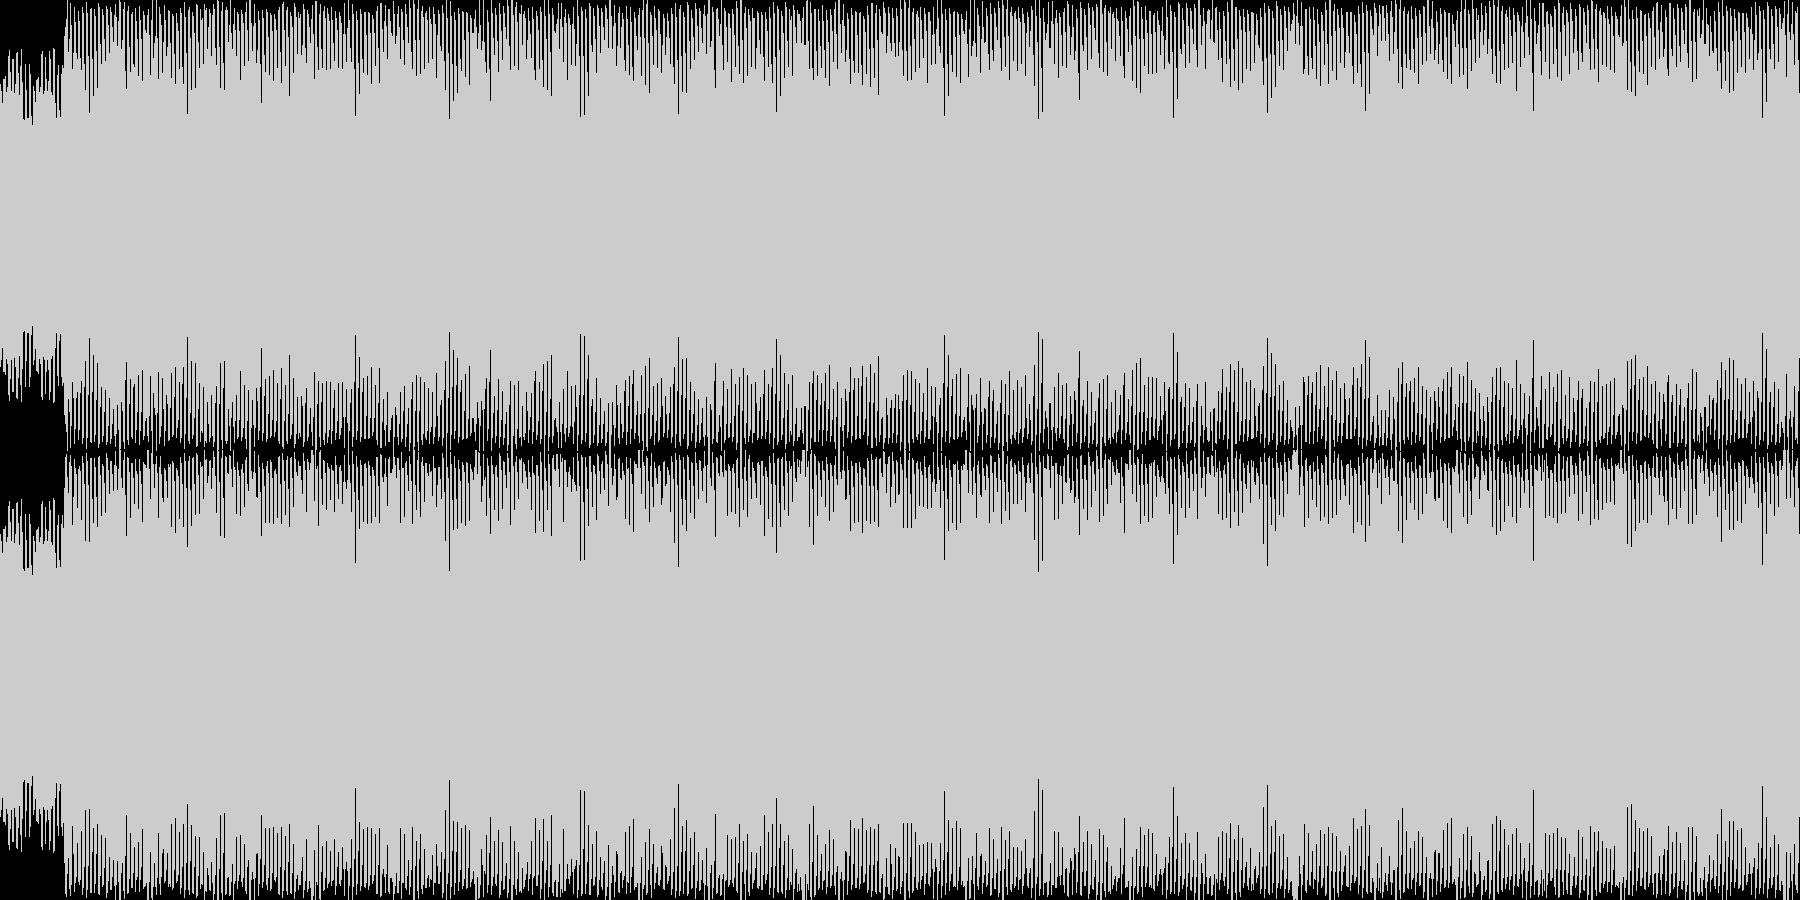 4つ打ち急かし系1の未再生の波形